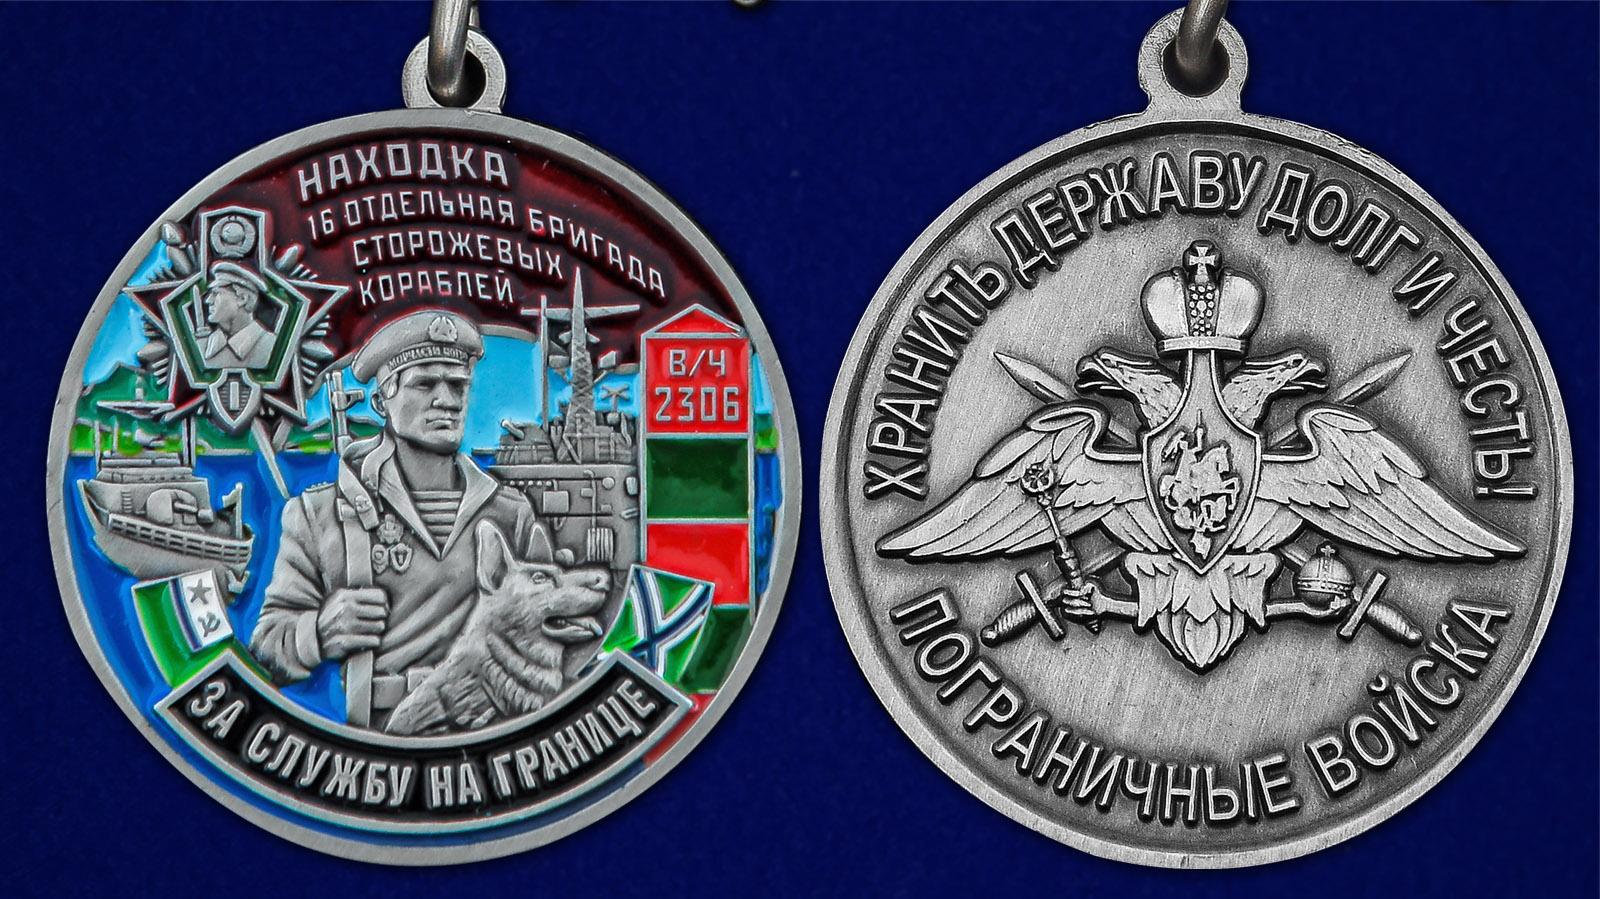 """Медаль """"За службу в 16-ой ОБрПСКР Находка"""" - аверс и реверс"""